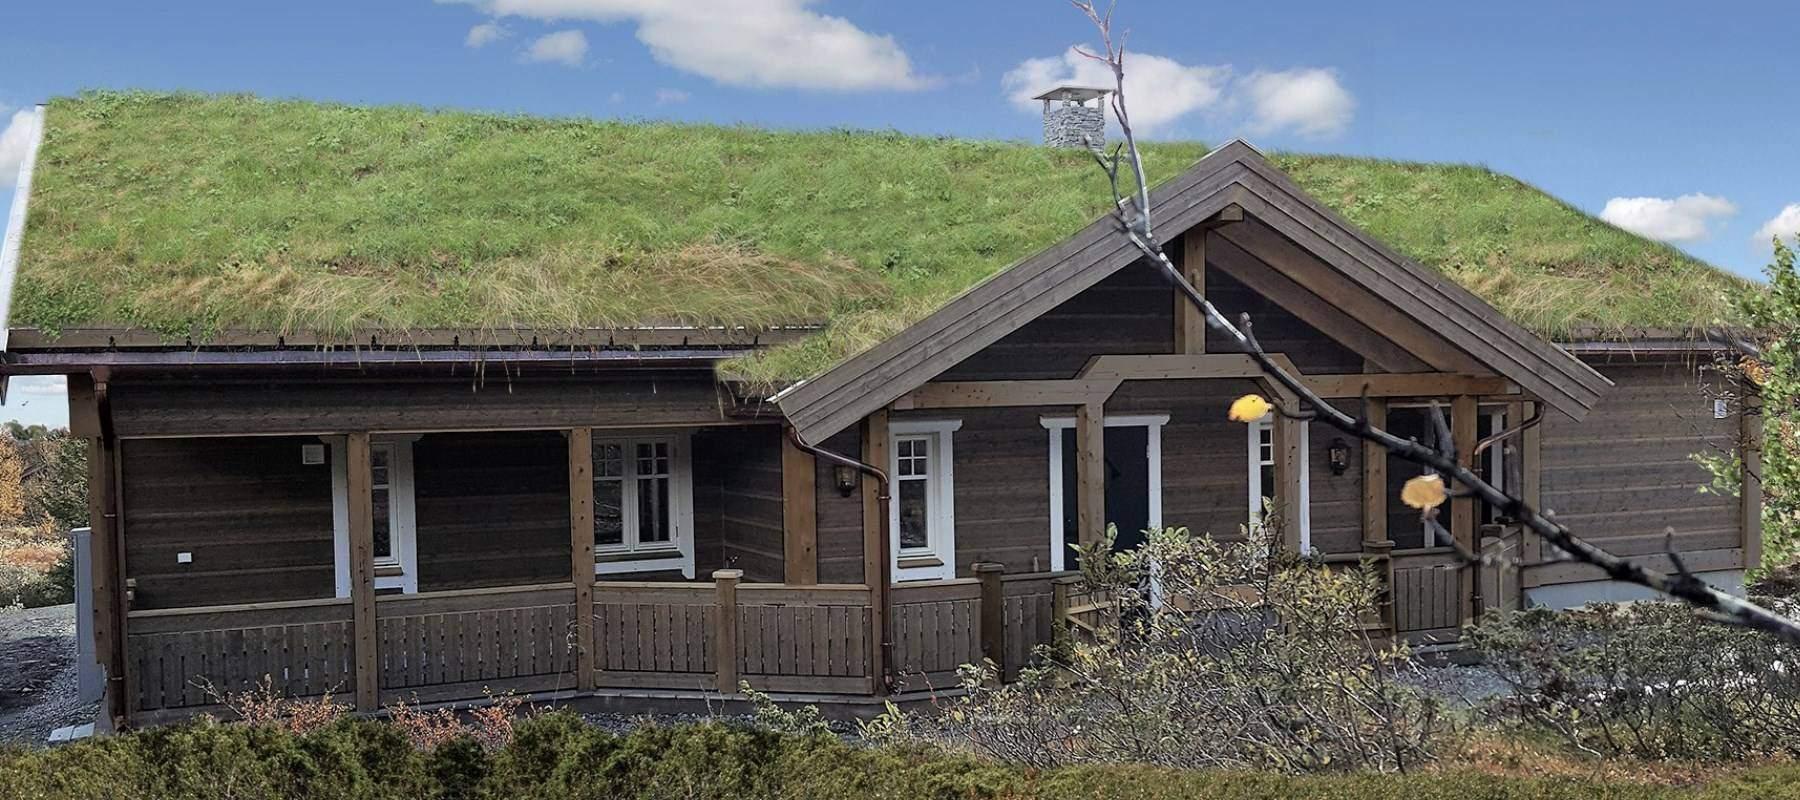 2550 Hytteleverandor – Tiurtoppen Hytter Inspirasjon hytte pa Gålå